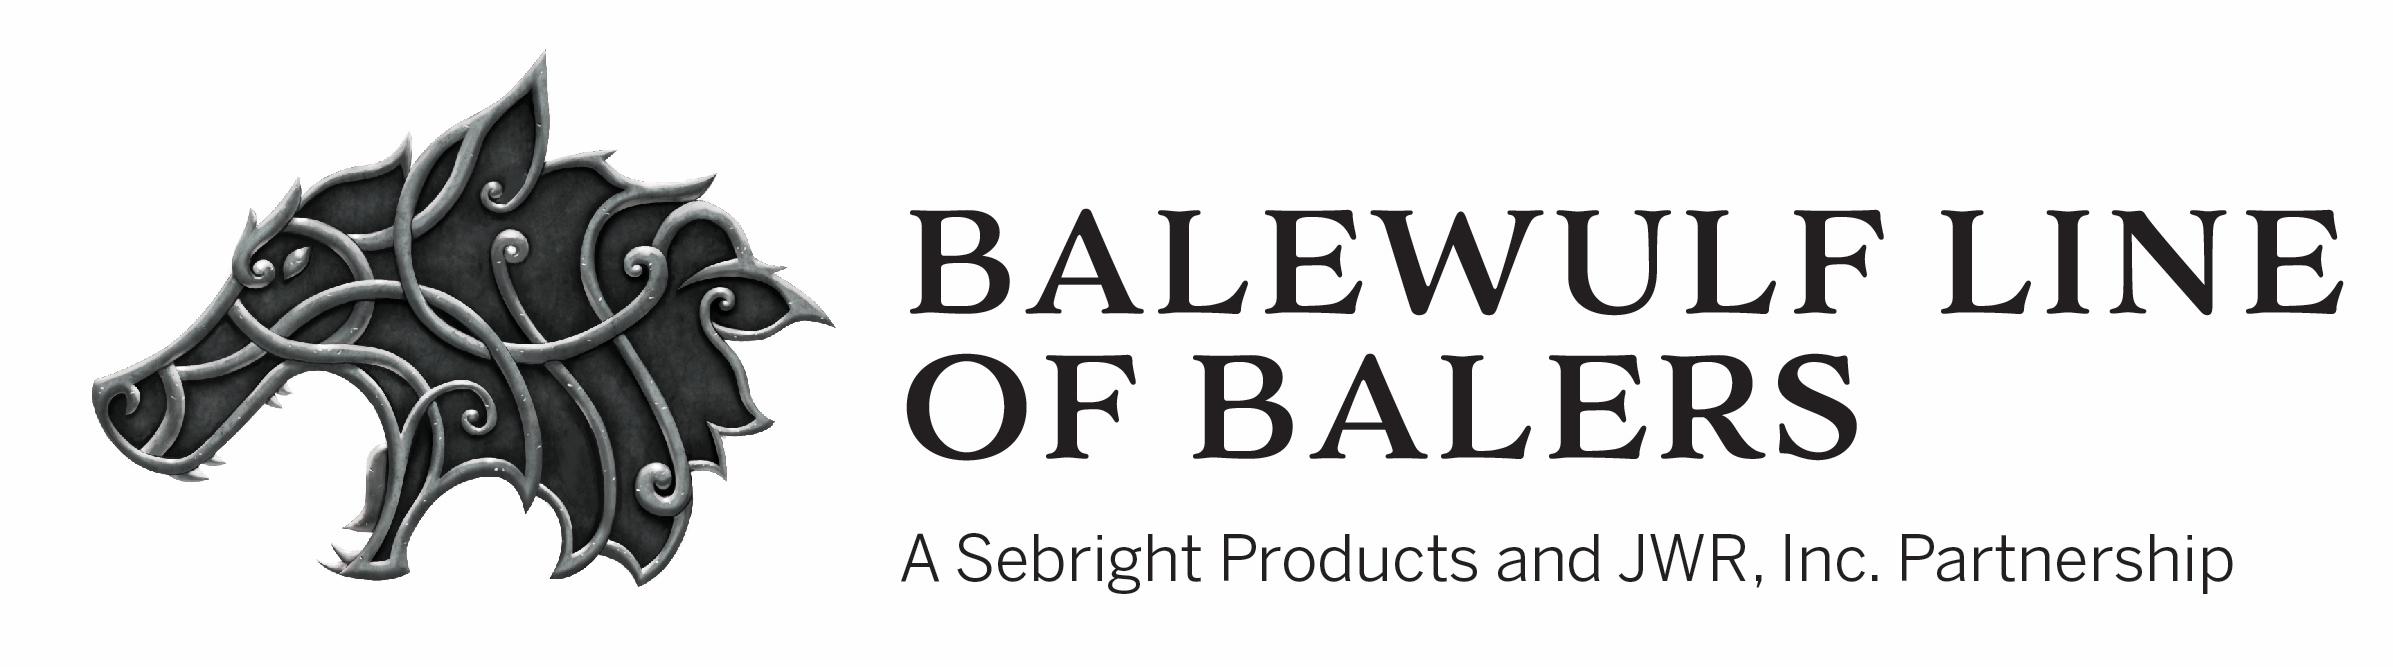 Balewulf of Balers